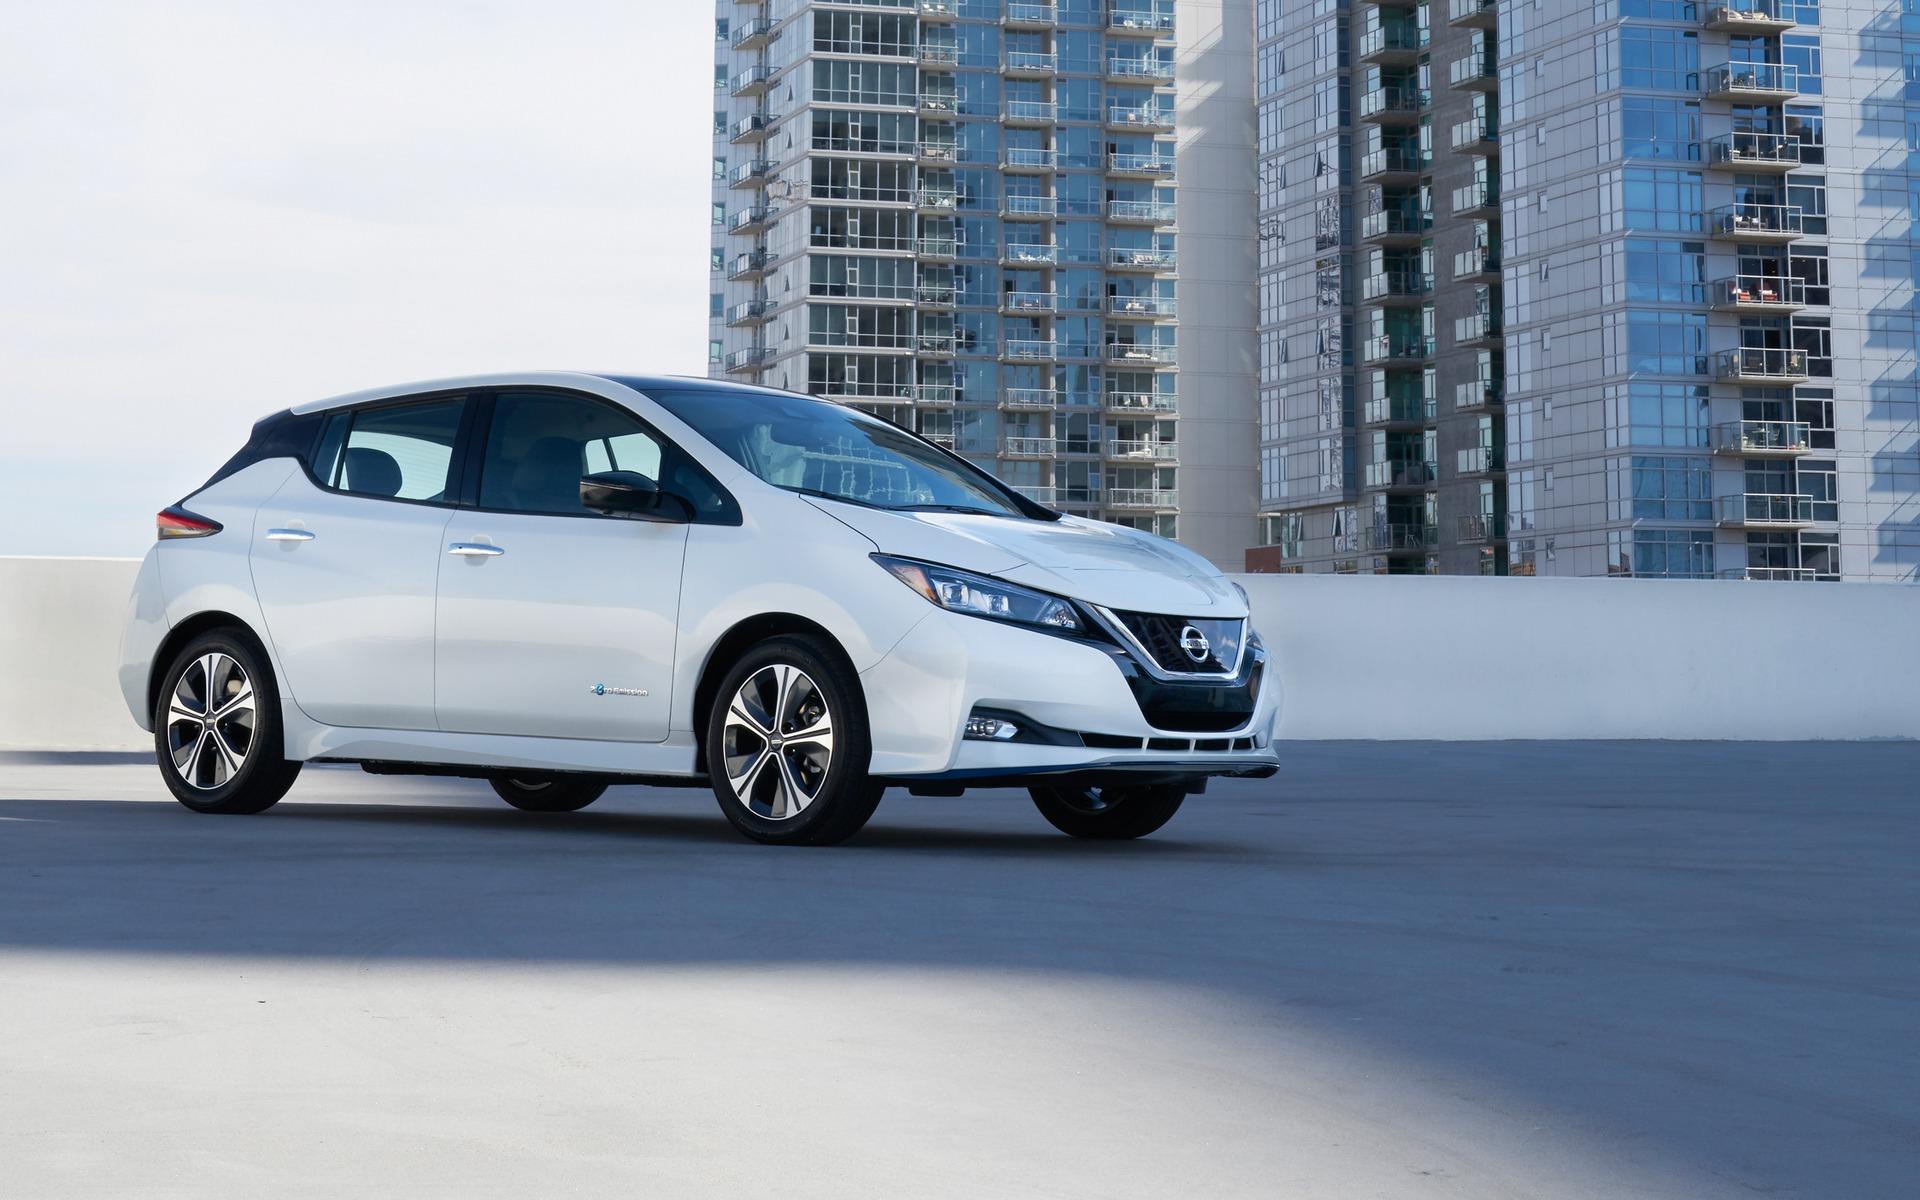 Nissan dévoile une LEAF PLUS à autonomie prolongée 362200_2019_Nissan_LEAF